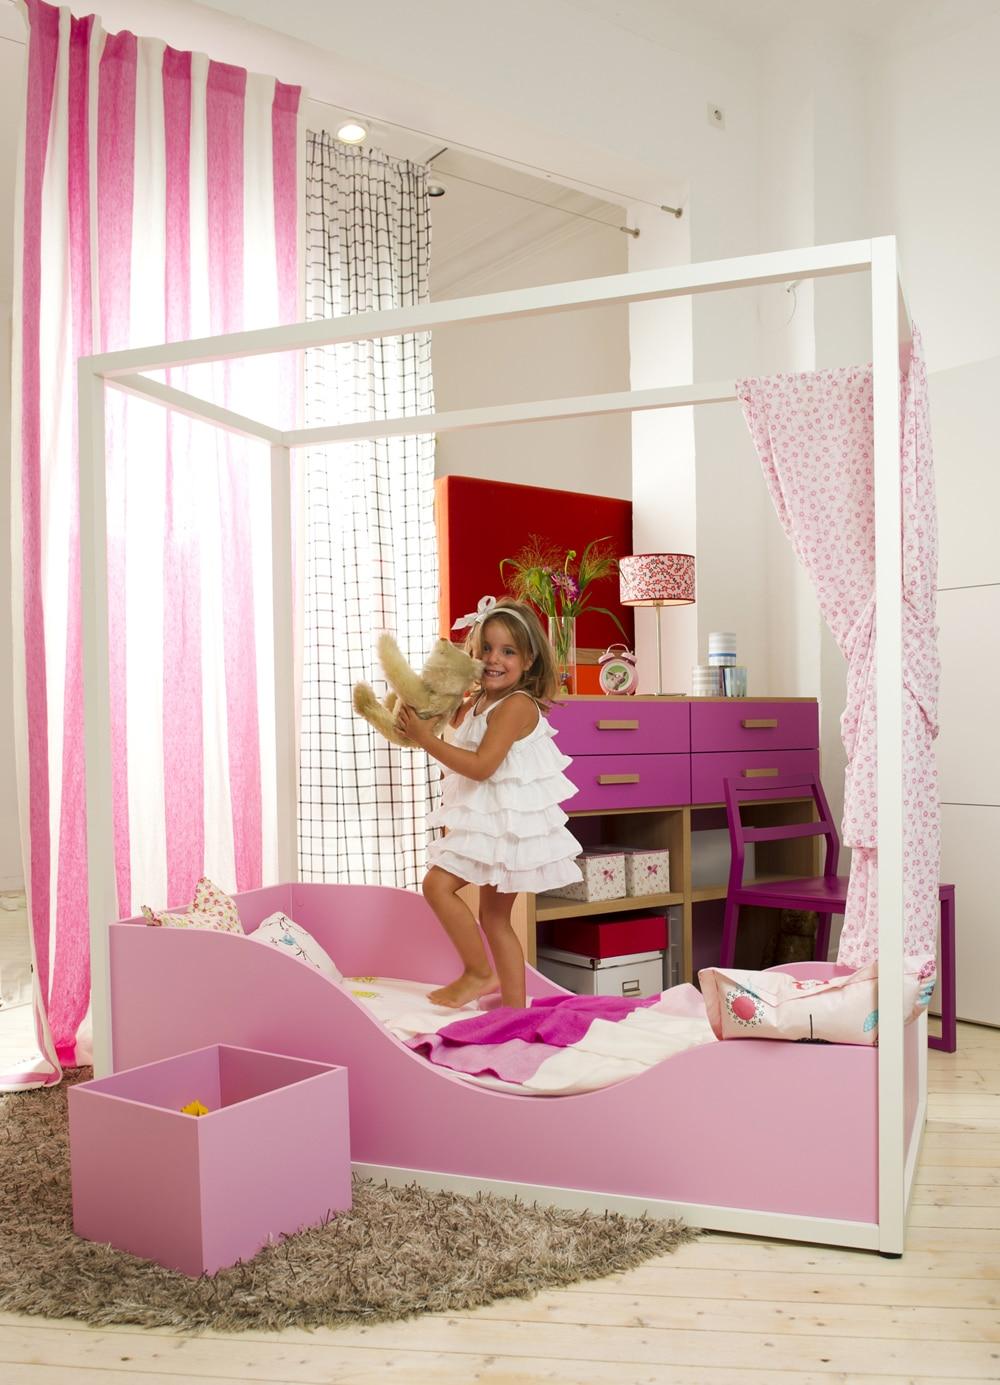 Kinderbett Himmelbett für kleine Mädchen